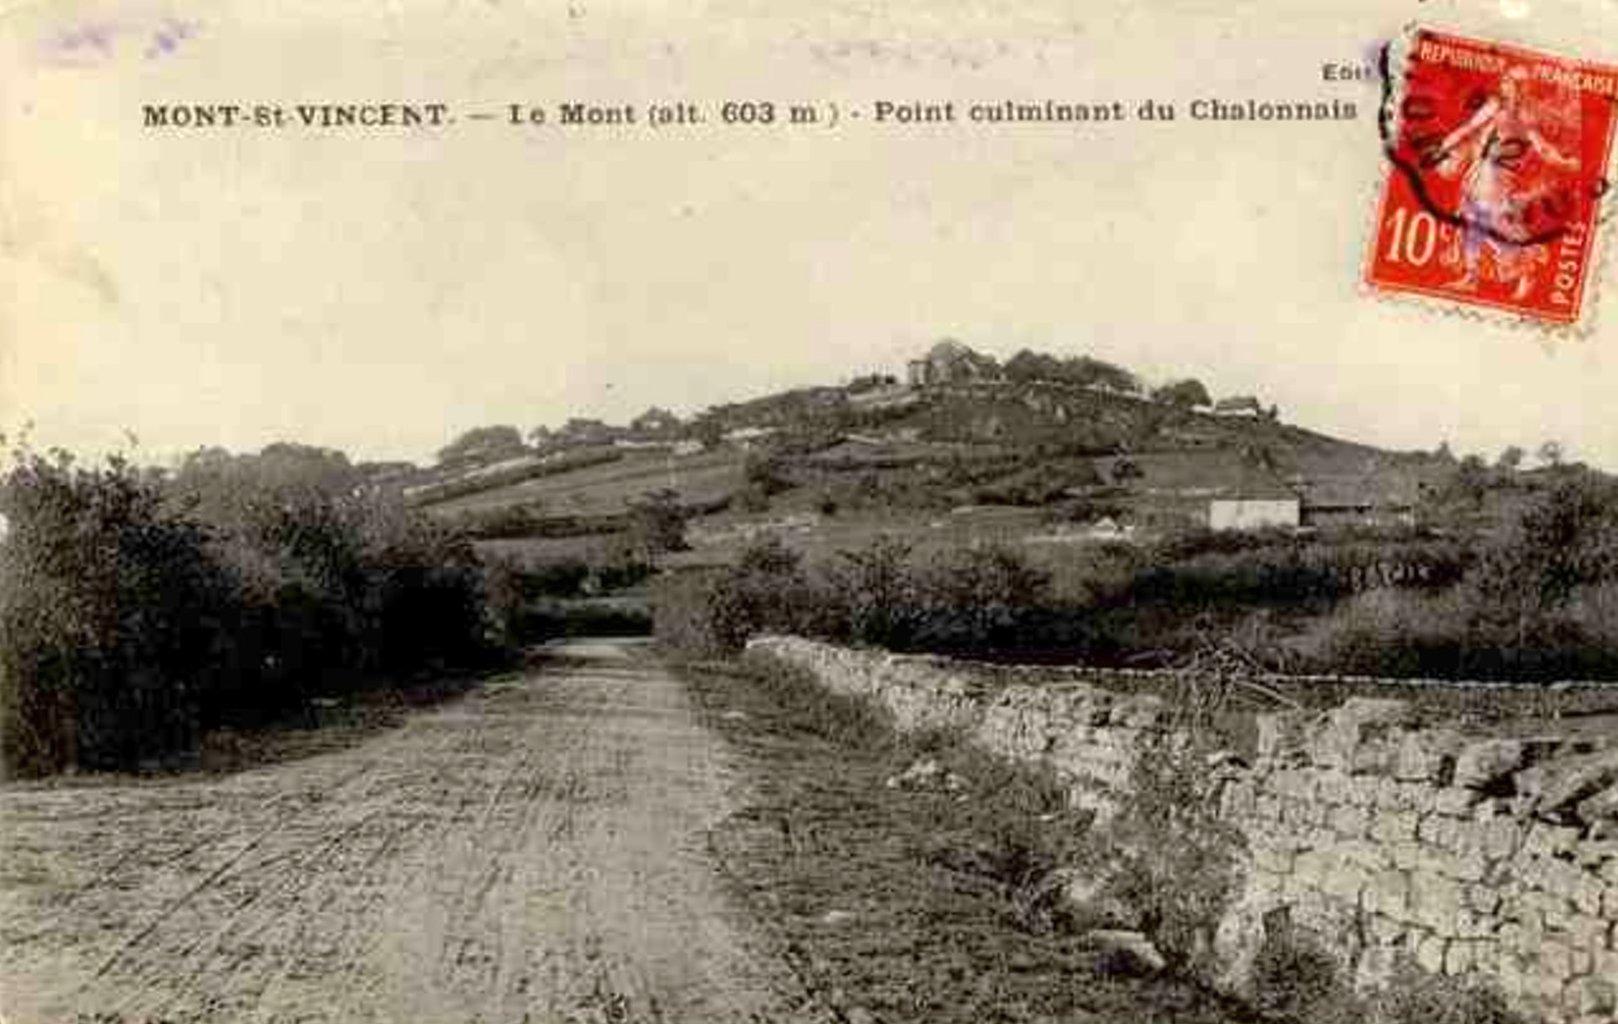 Mont-Saint-Vincent, Charolais, 603 mètres